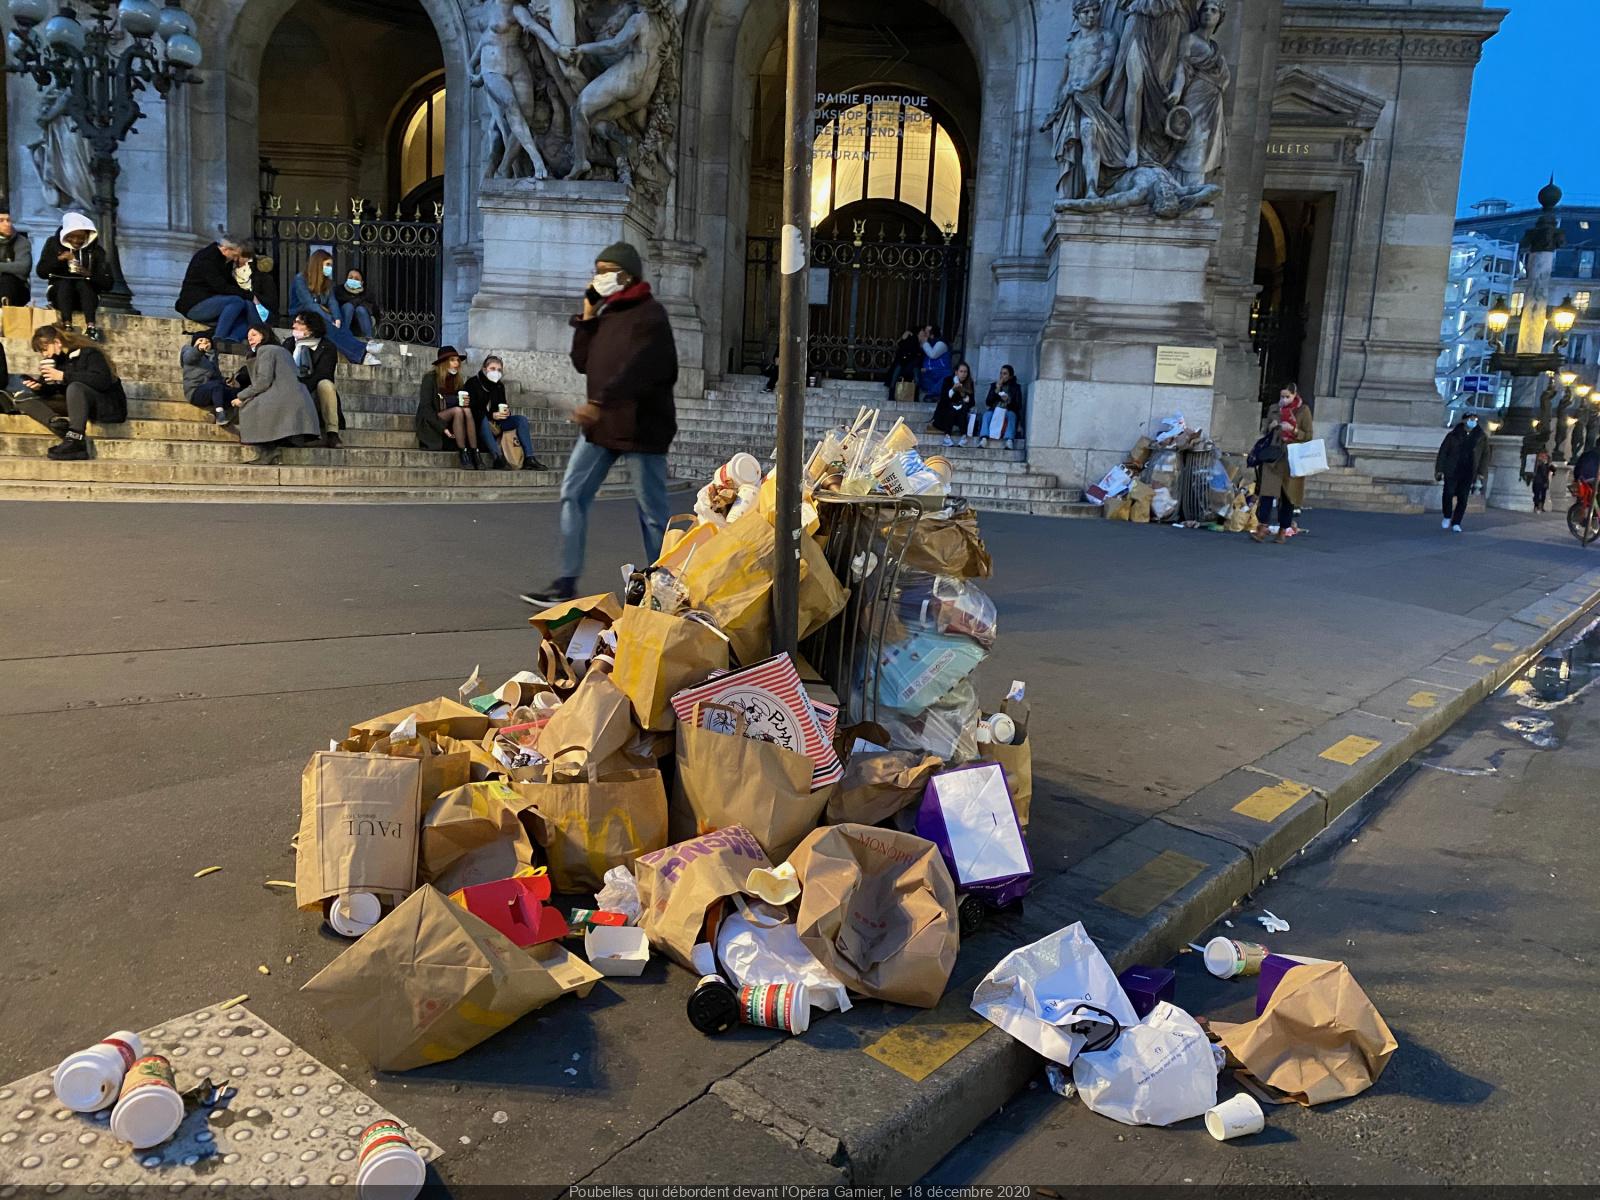 SaccageParis : la proprété de Paris attaquée sur les réseaux sociaux -  Sortiraparis.com